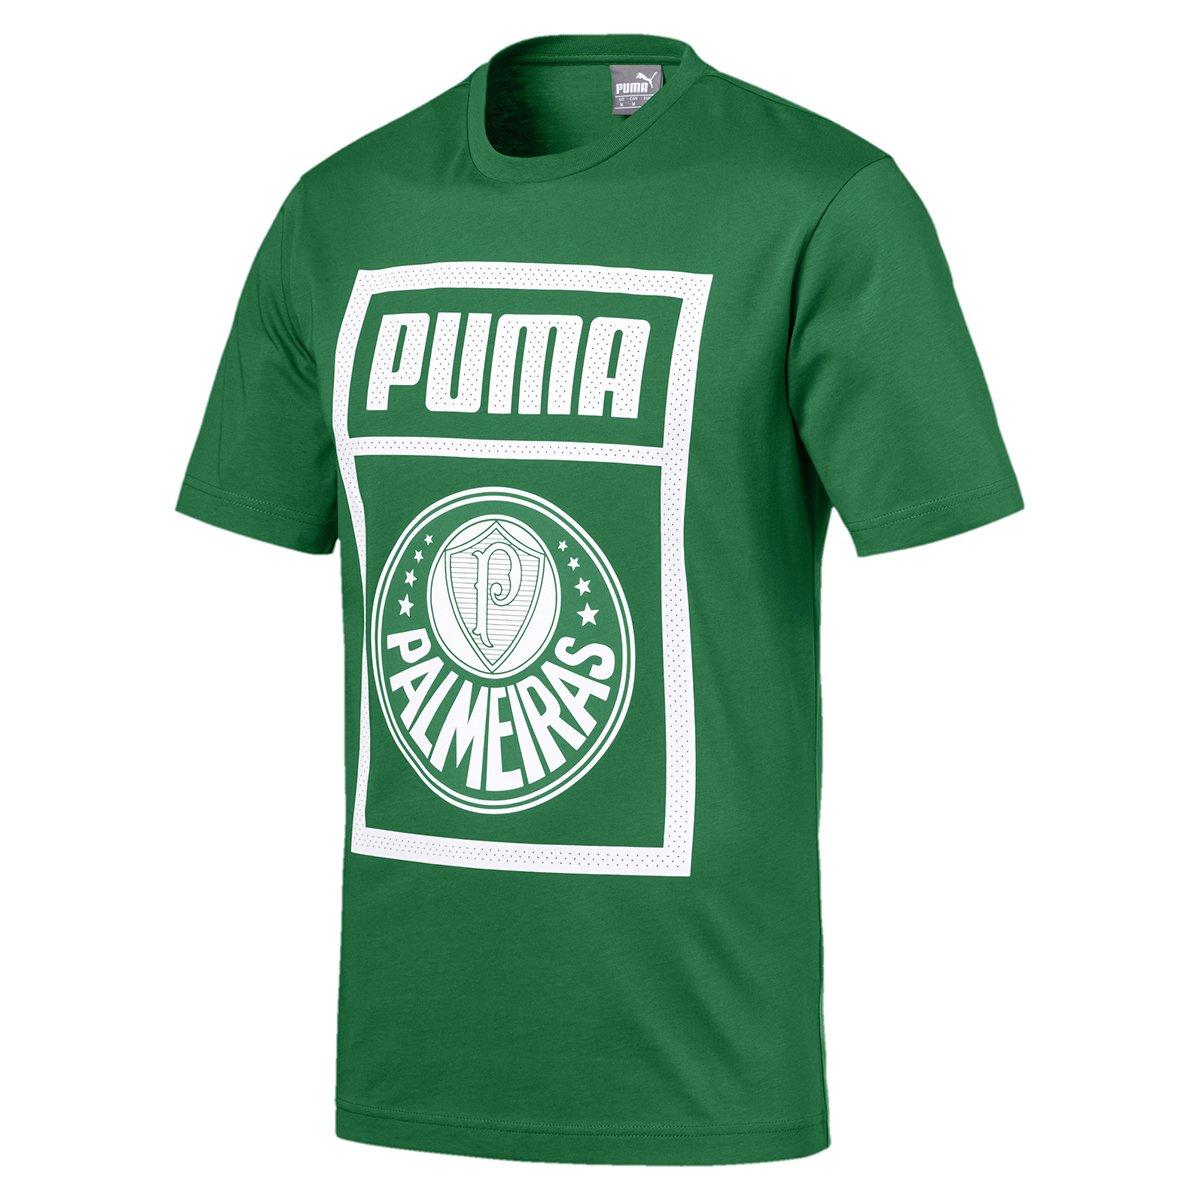 pollo sello comprador  Camiseta Palmeiras Puma Graphic Masculina   Netshoes